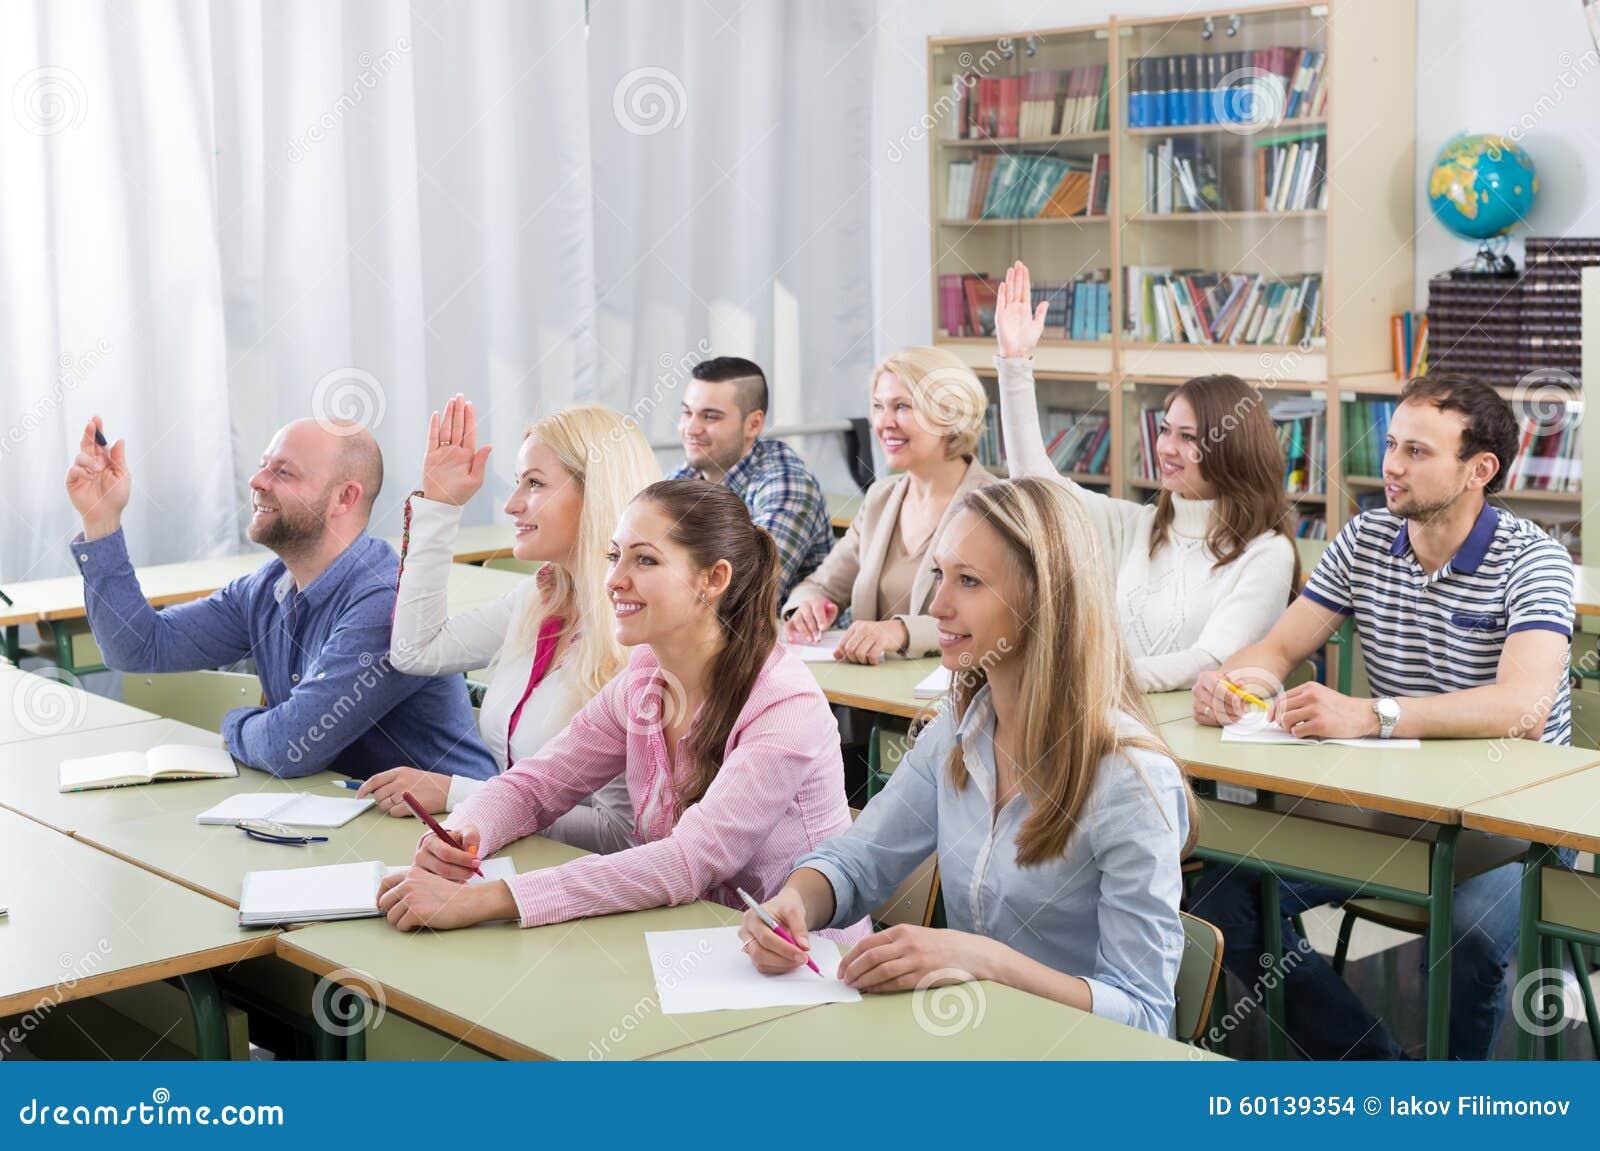 Nett Der Student Setzt Das Format Fort Ideen - Beispiel ...